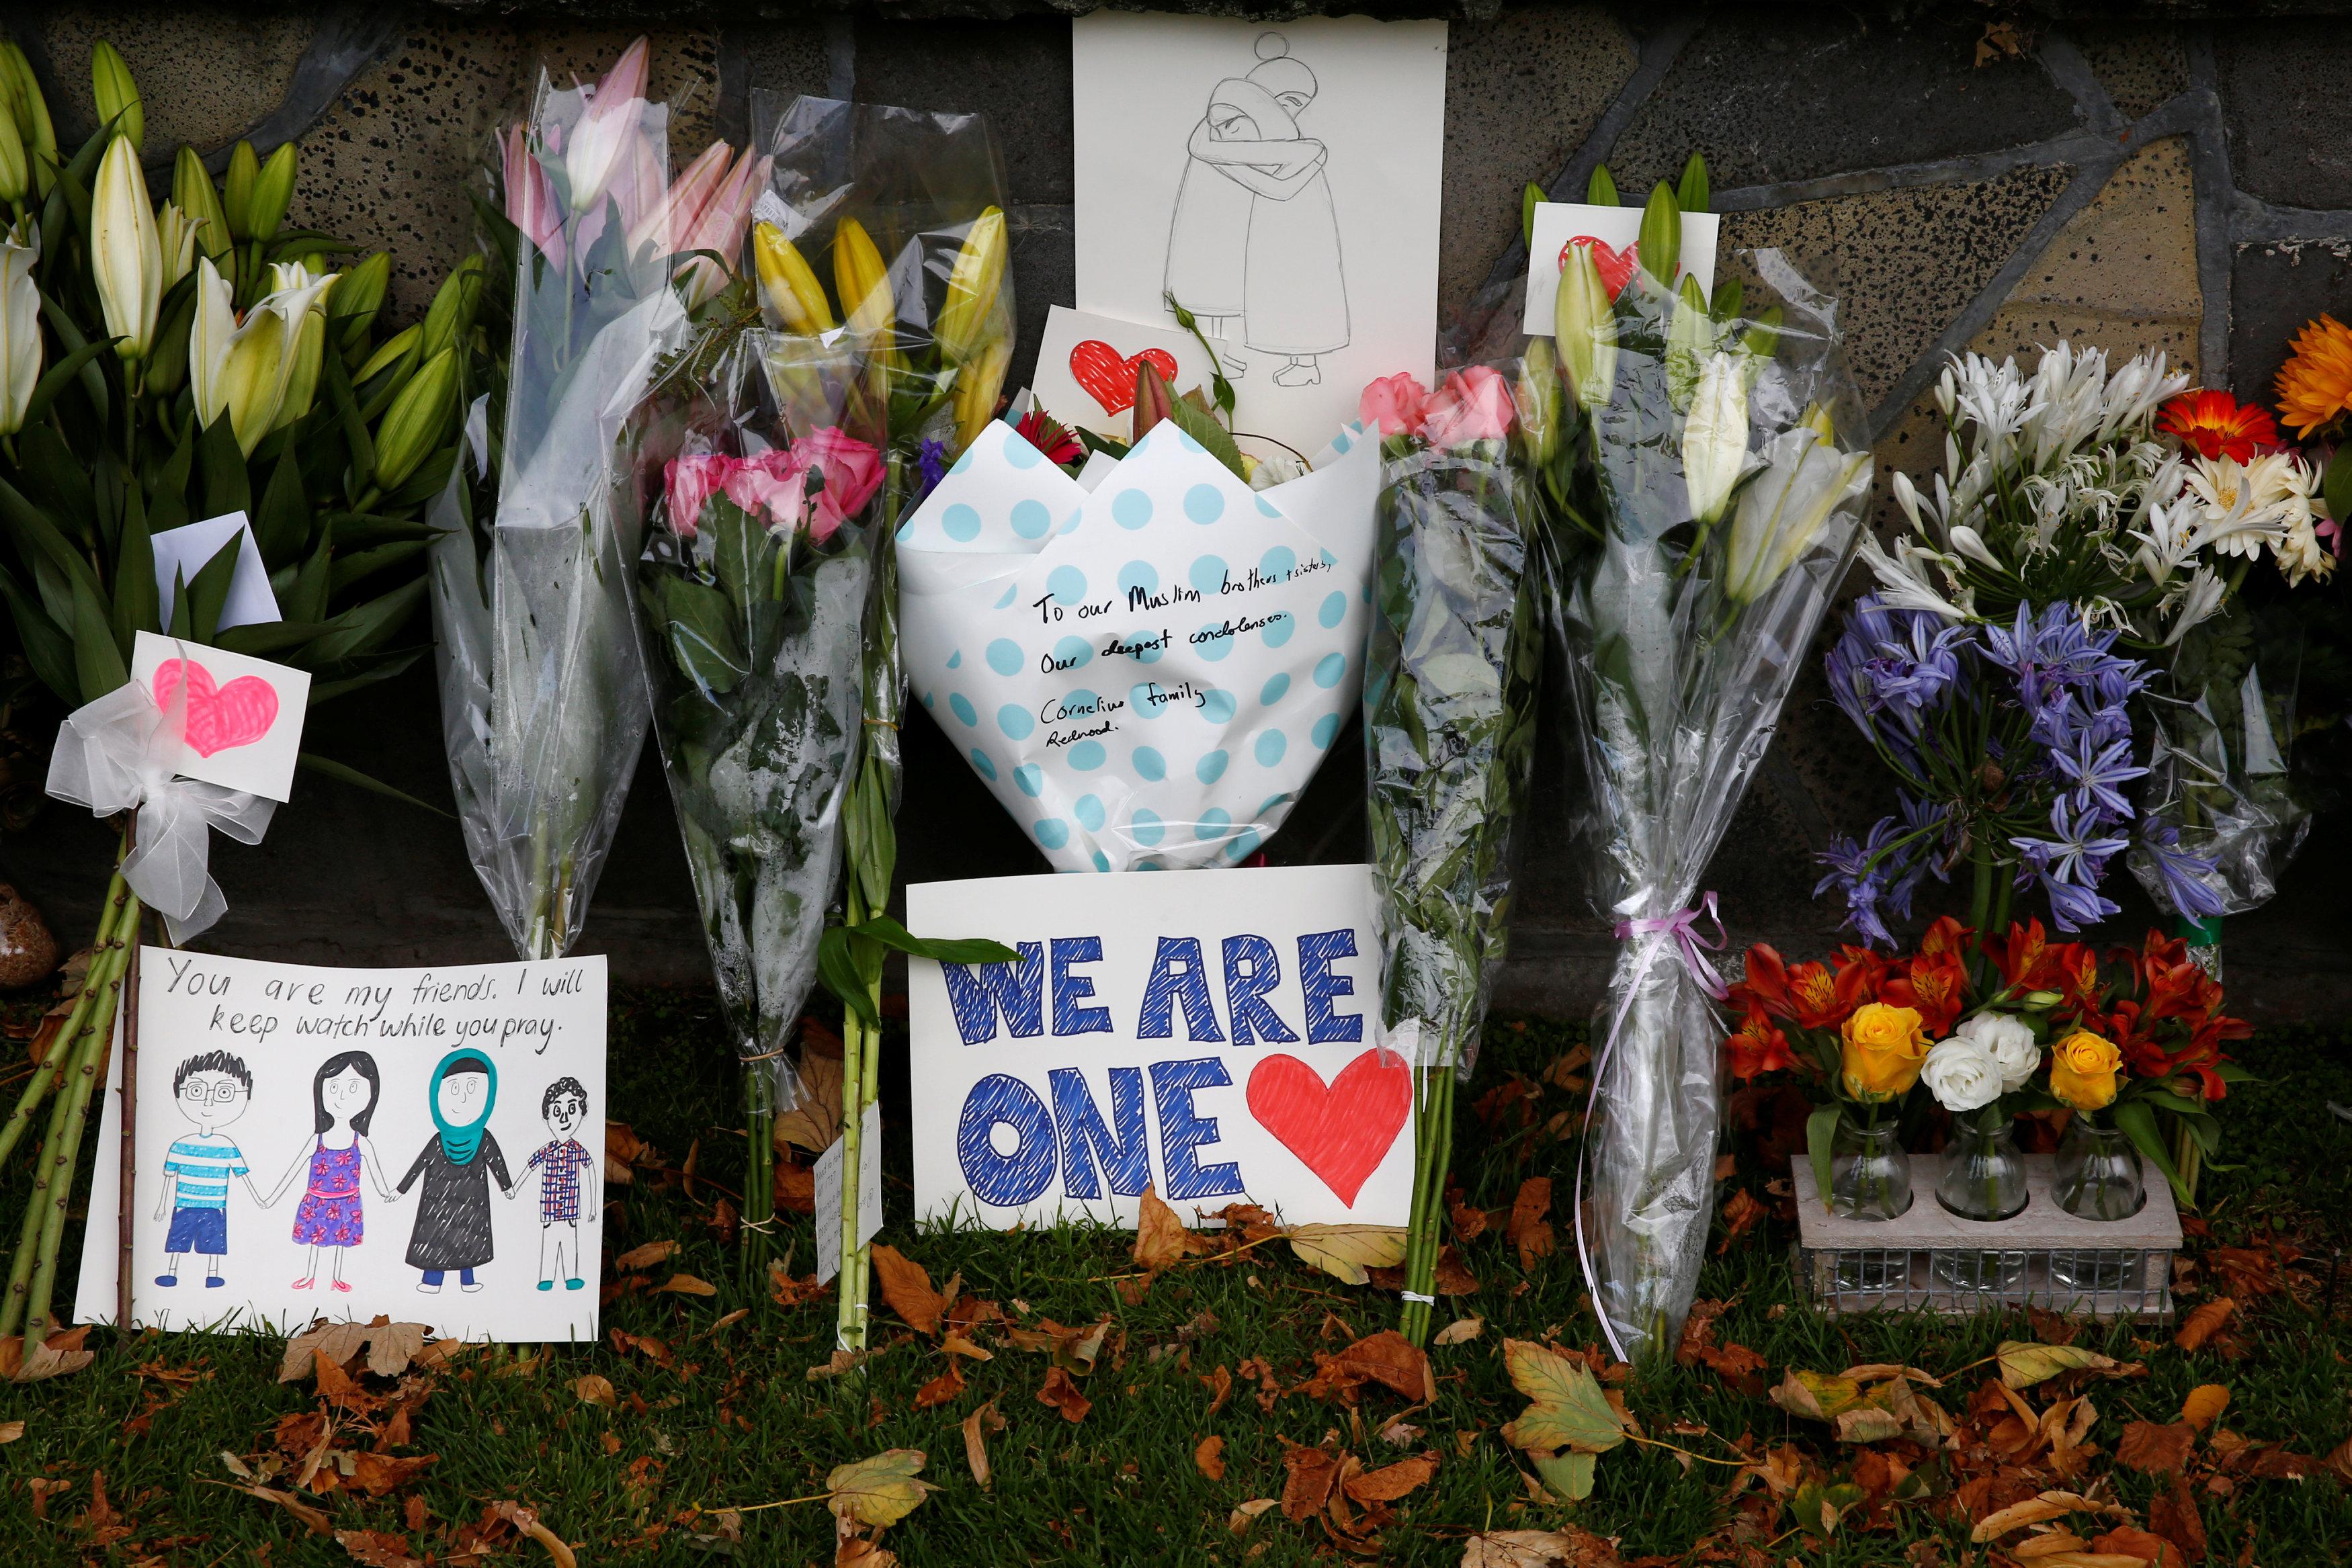 Flores y dibujos cerca de la mezquita de Linwood en Christchurch (REUTERS/Edgar Su)